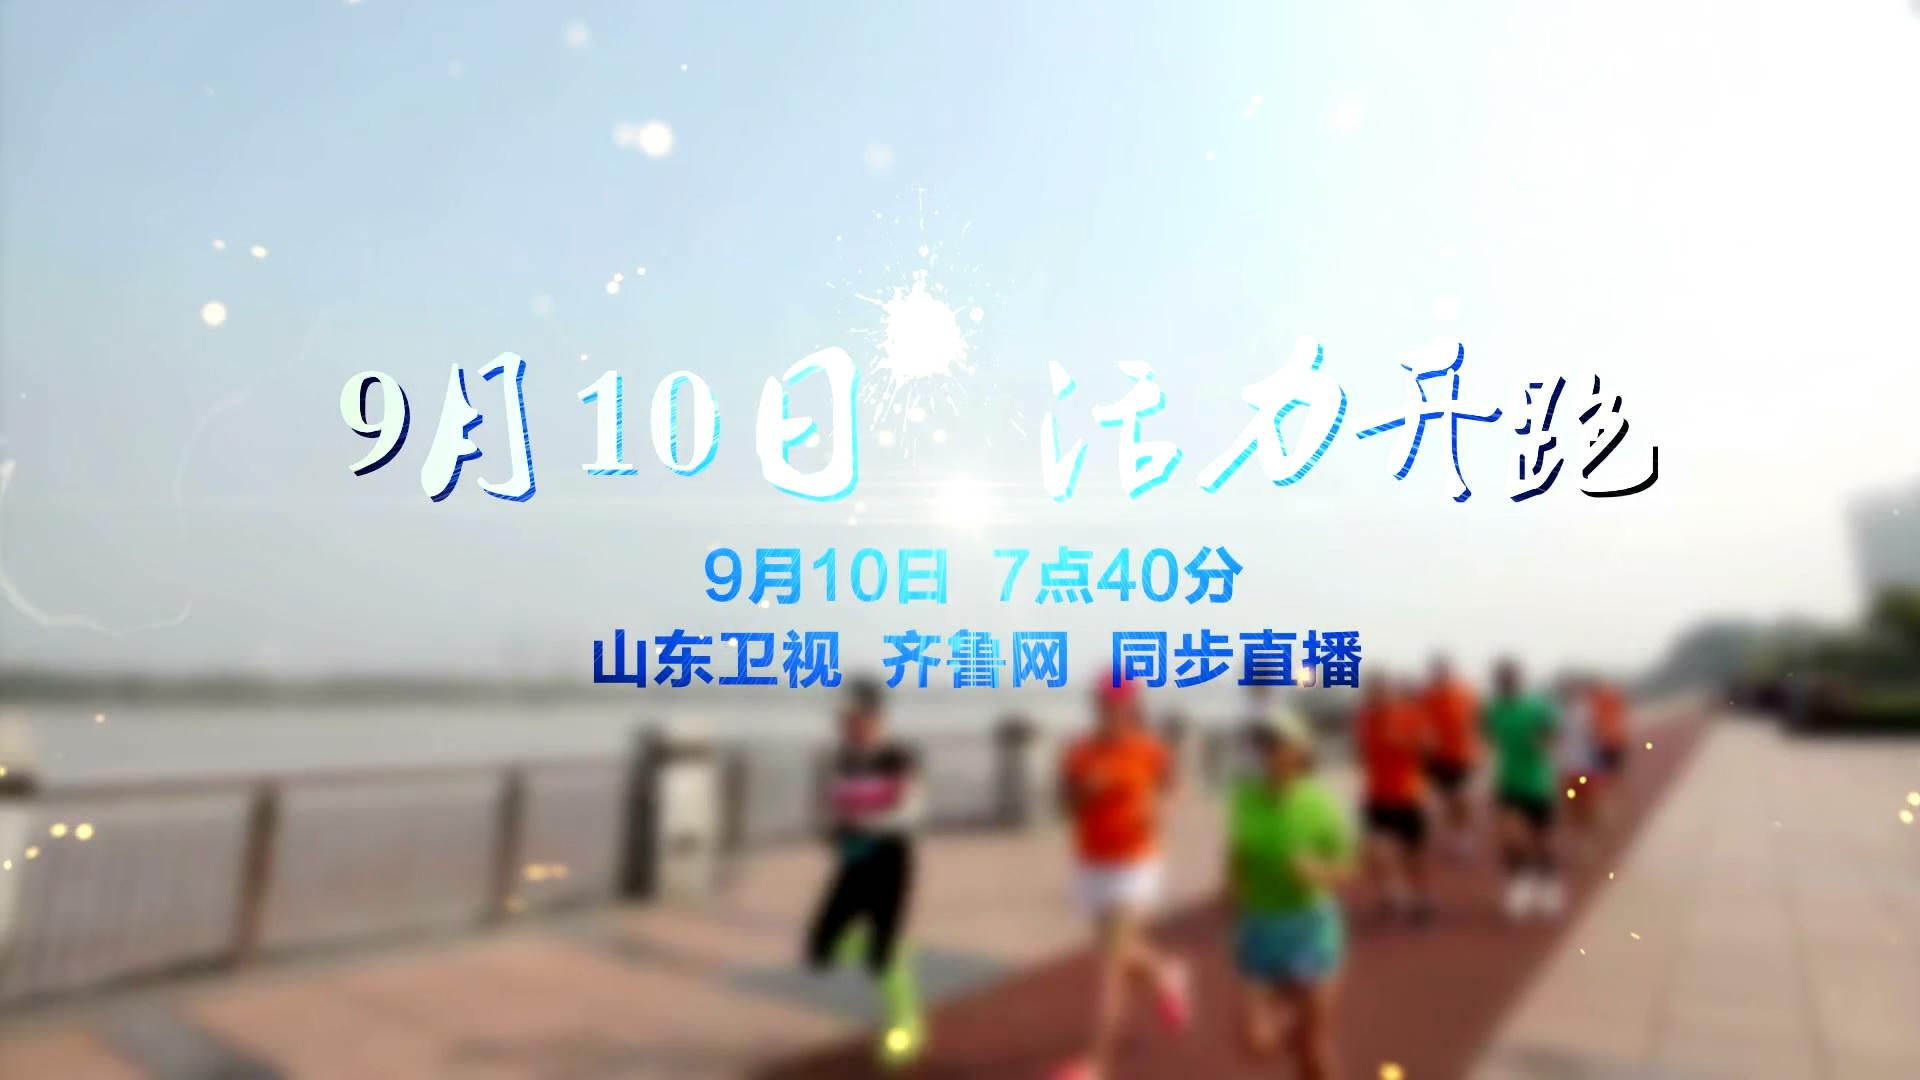 2016仙境海岸海阳国际马拉松宣传片